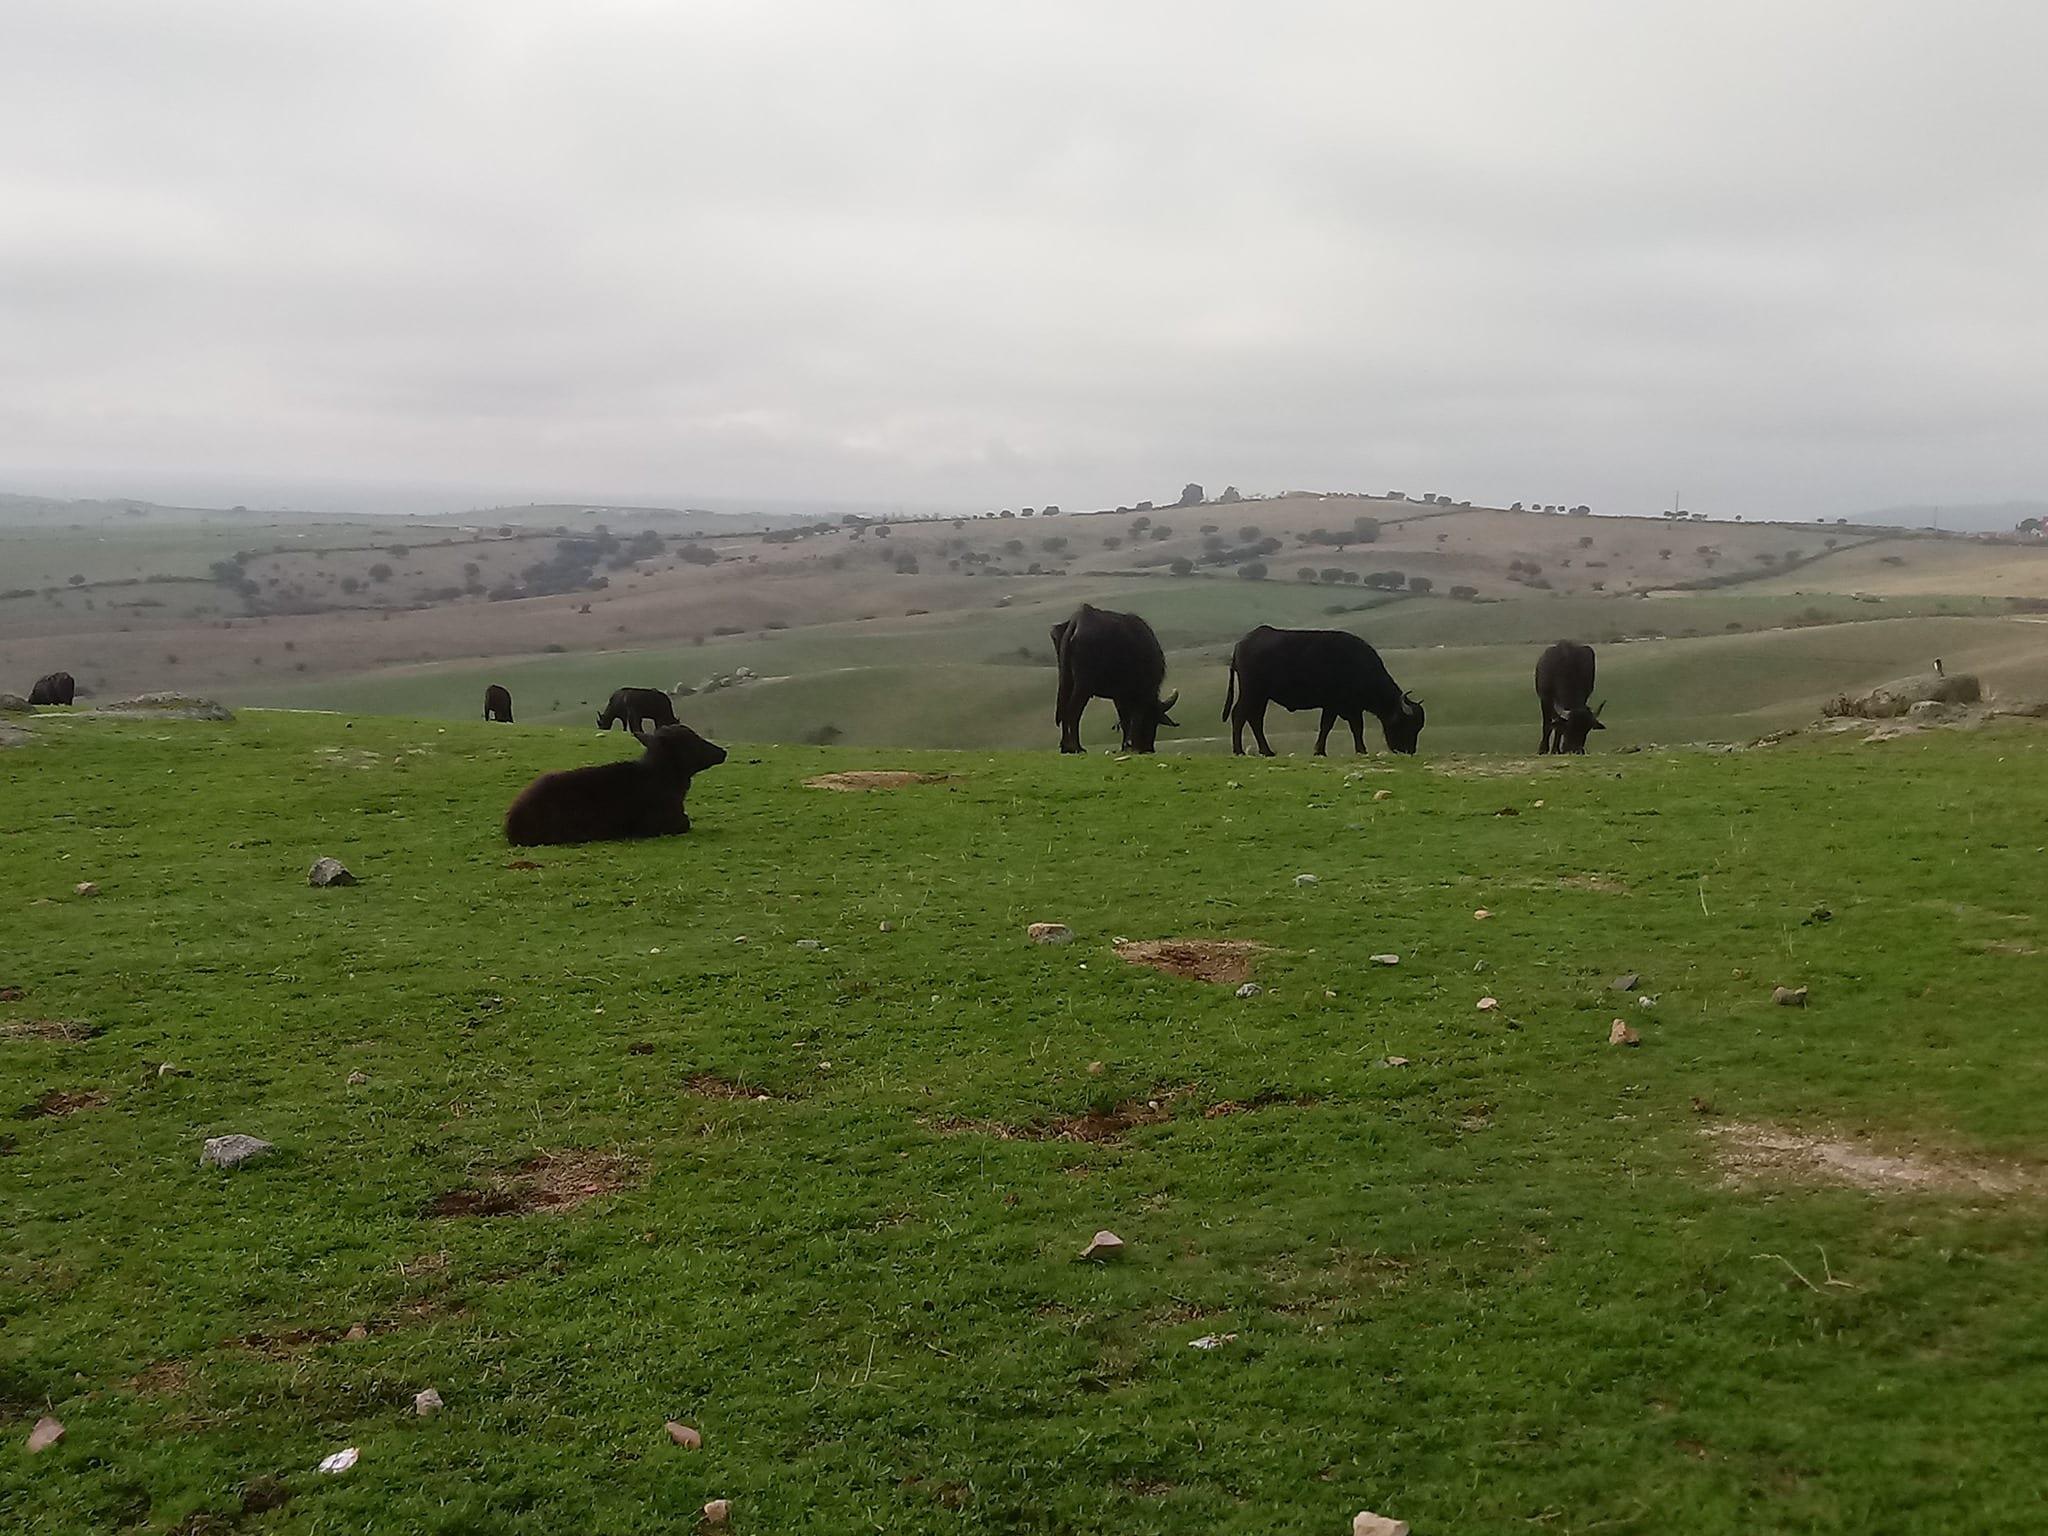 Búfalos en pradera